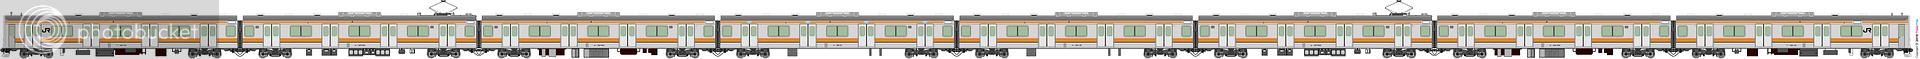 鐵路列車 1987